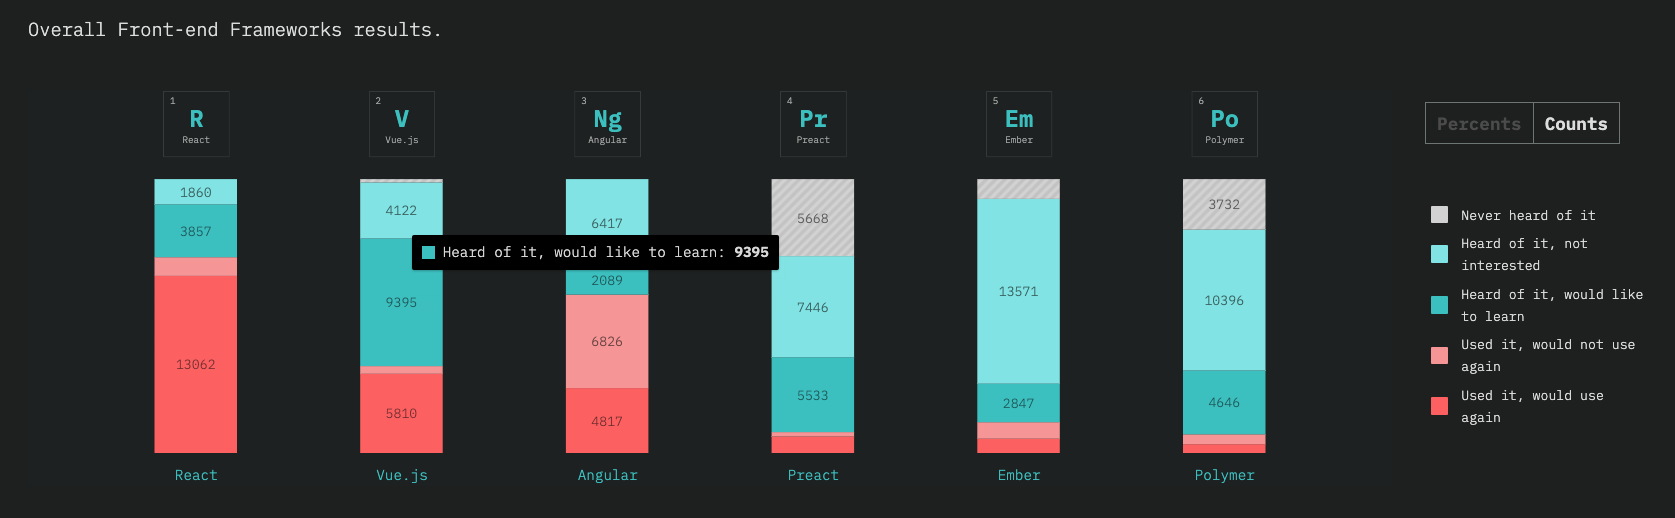 Vue State of JS Survey - Framework comparison